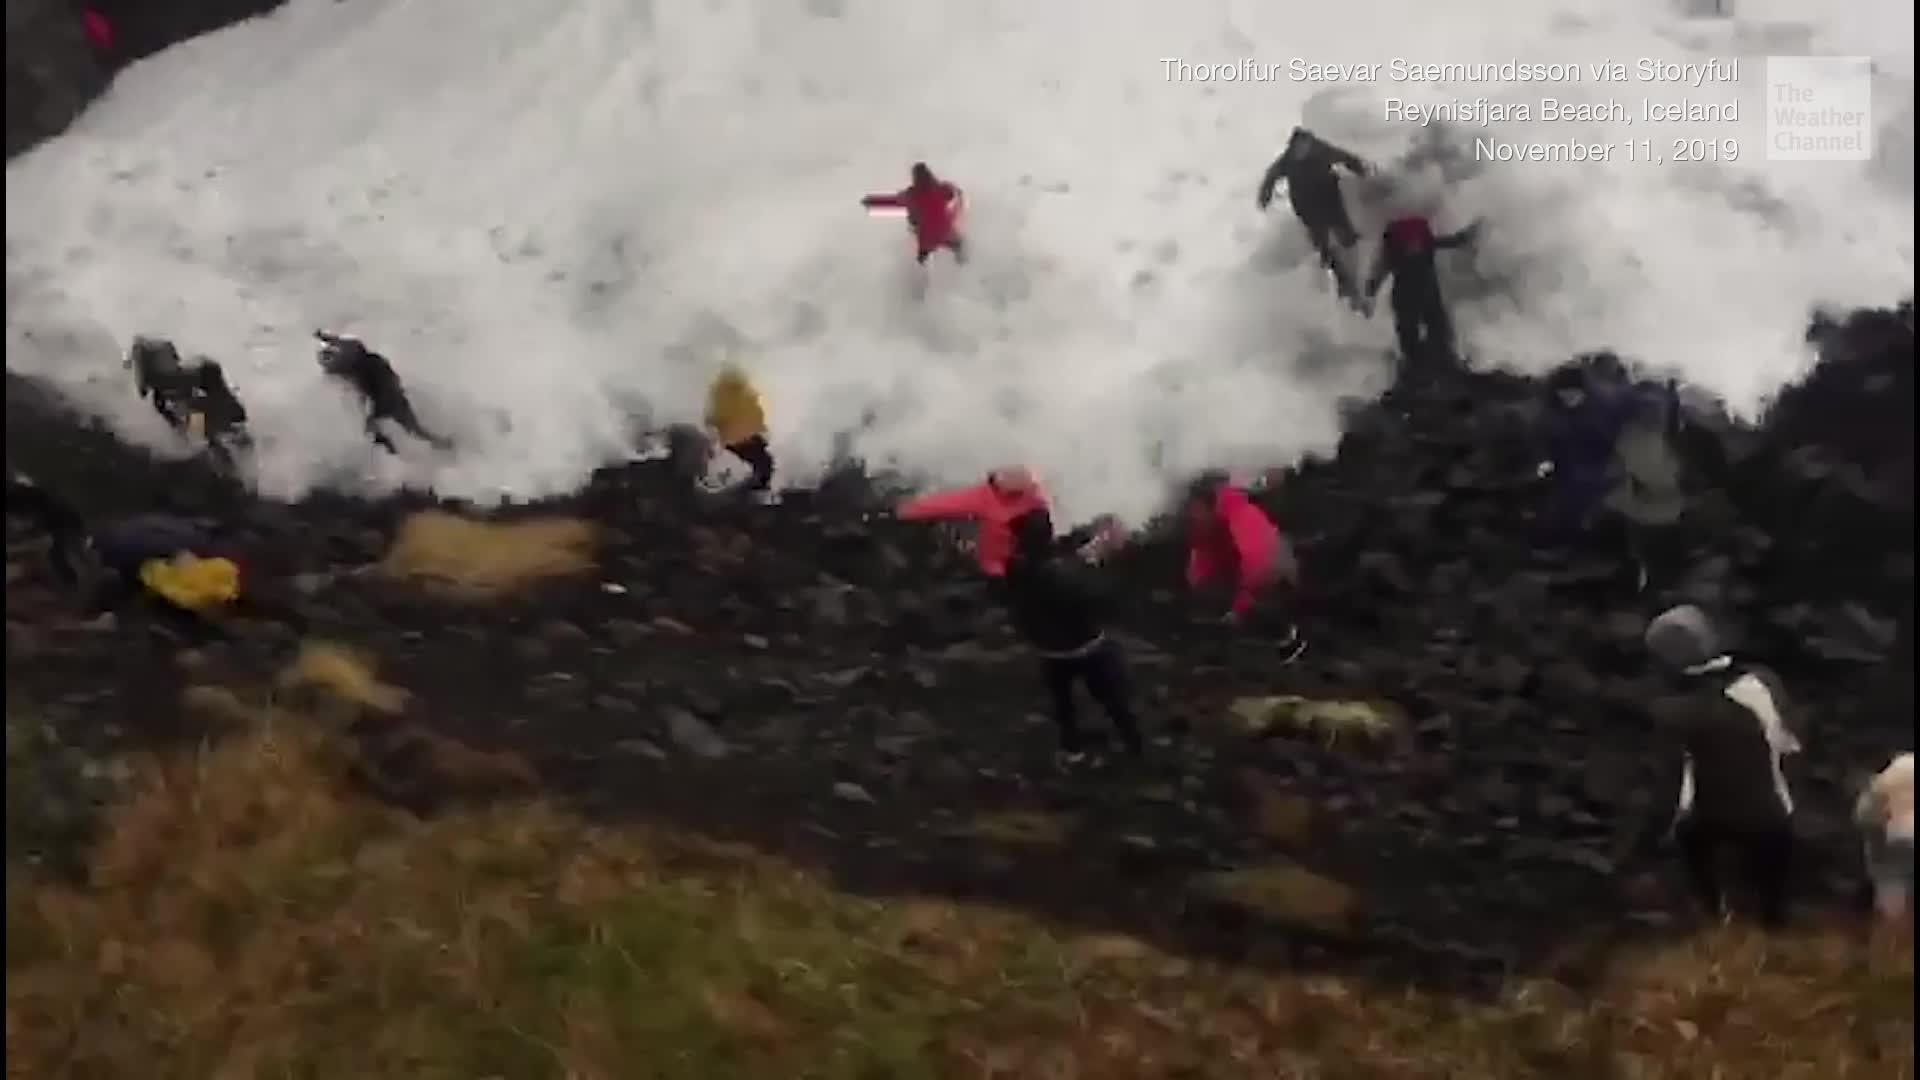 """Algunos turistas que se acercaron demasiado en una playa de Islandia fueron golpeados por las famosas """"olas sorpresivas""""."""